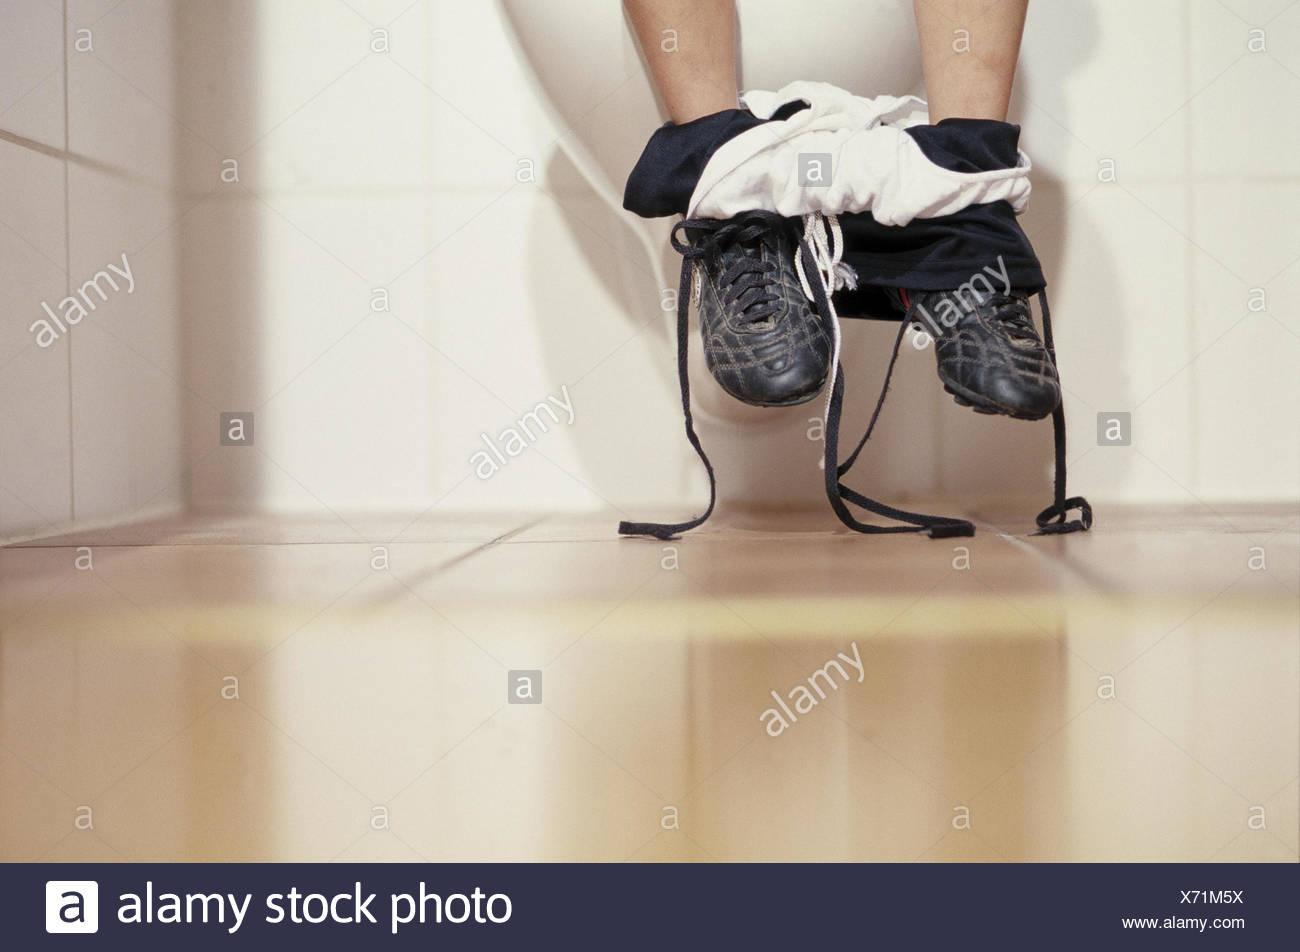 Salle De Bain Toilettes ~ salle de bain toilettes gar on s asseoir d tail les pieds l